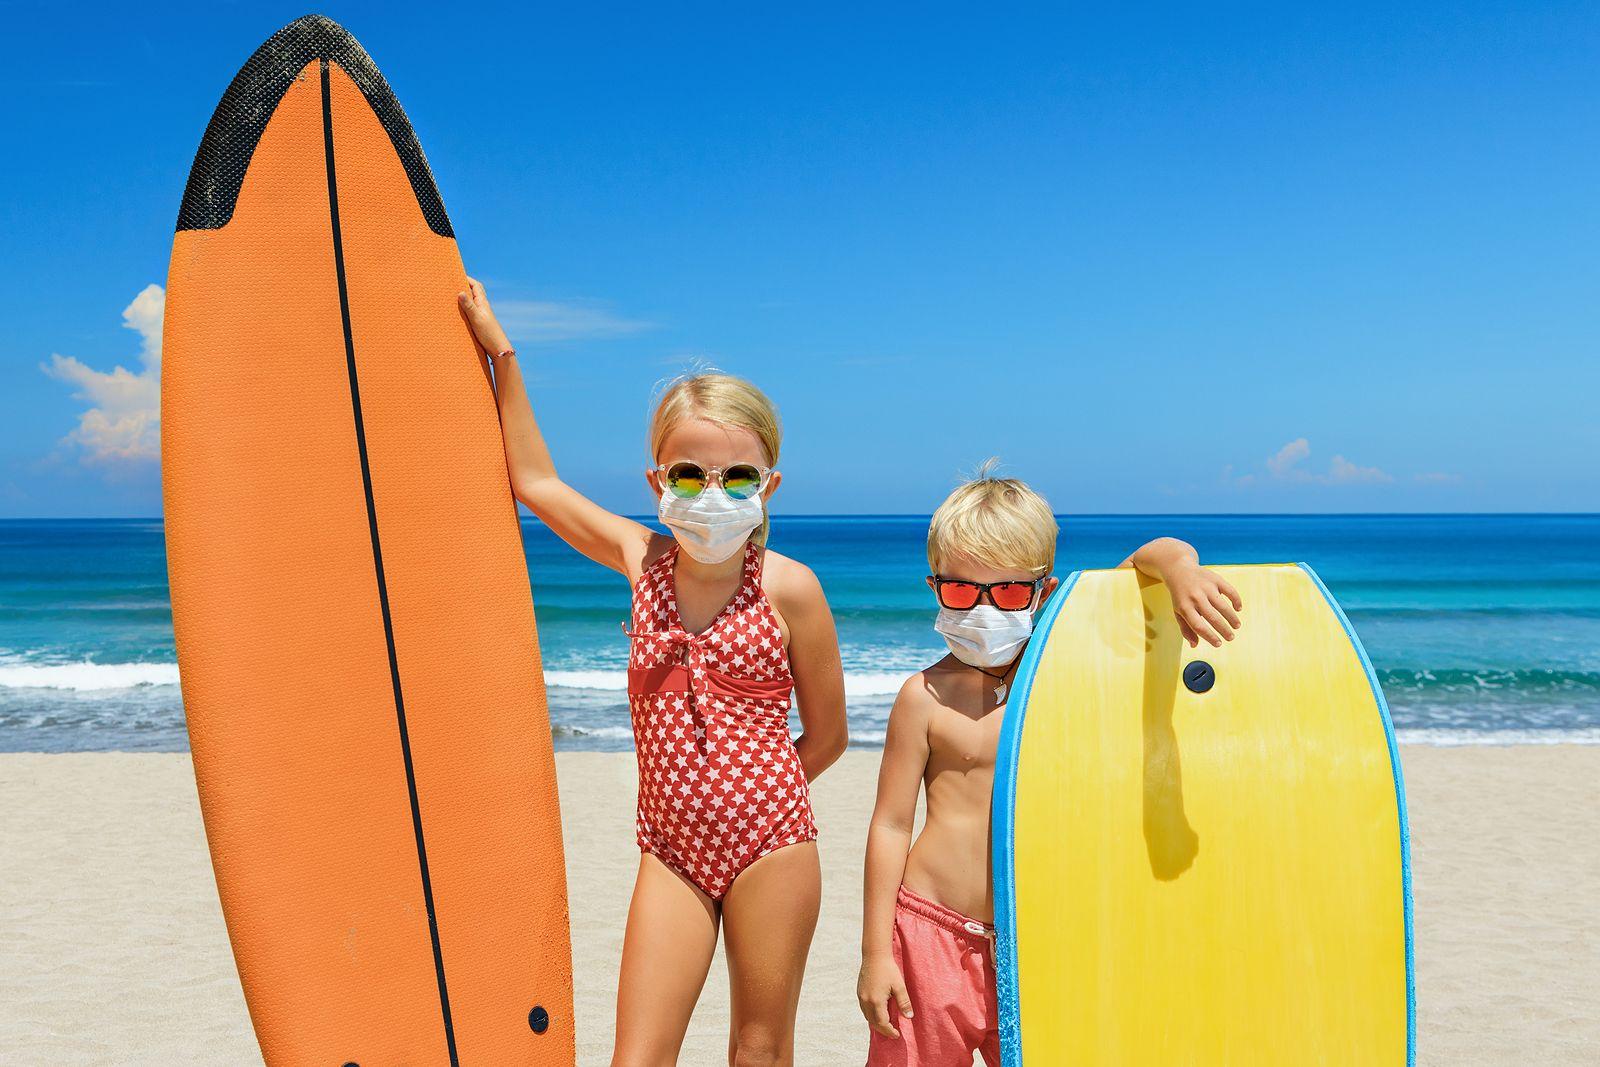 Koronawirus - gdzie na wakacje w Polsce oraz lista krajów i obostrzeń. Sprawdź